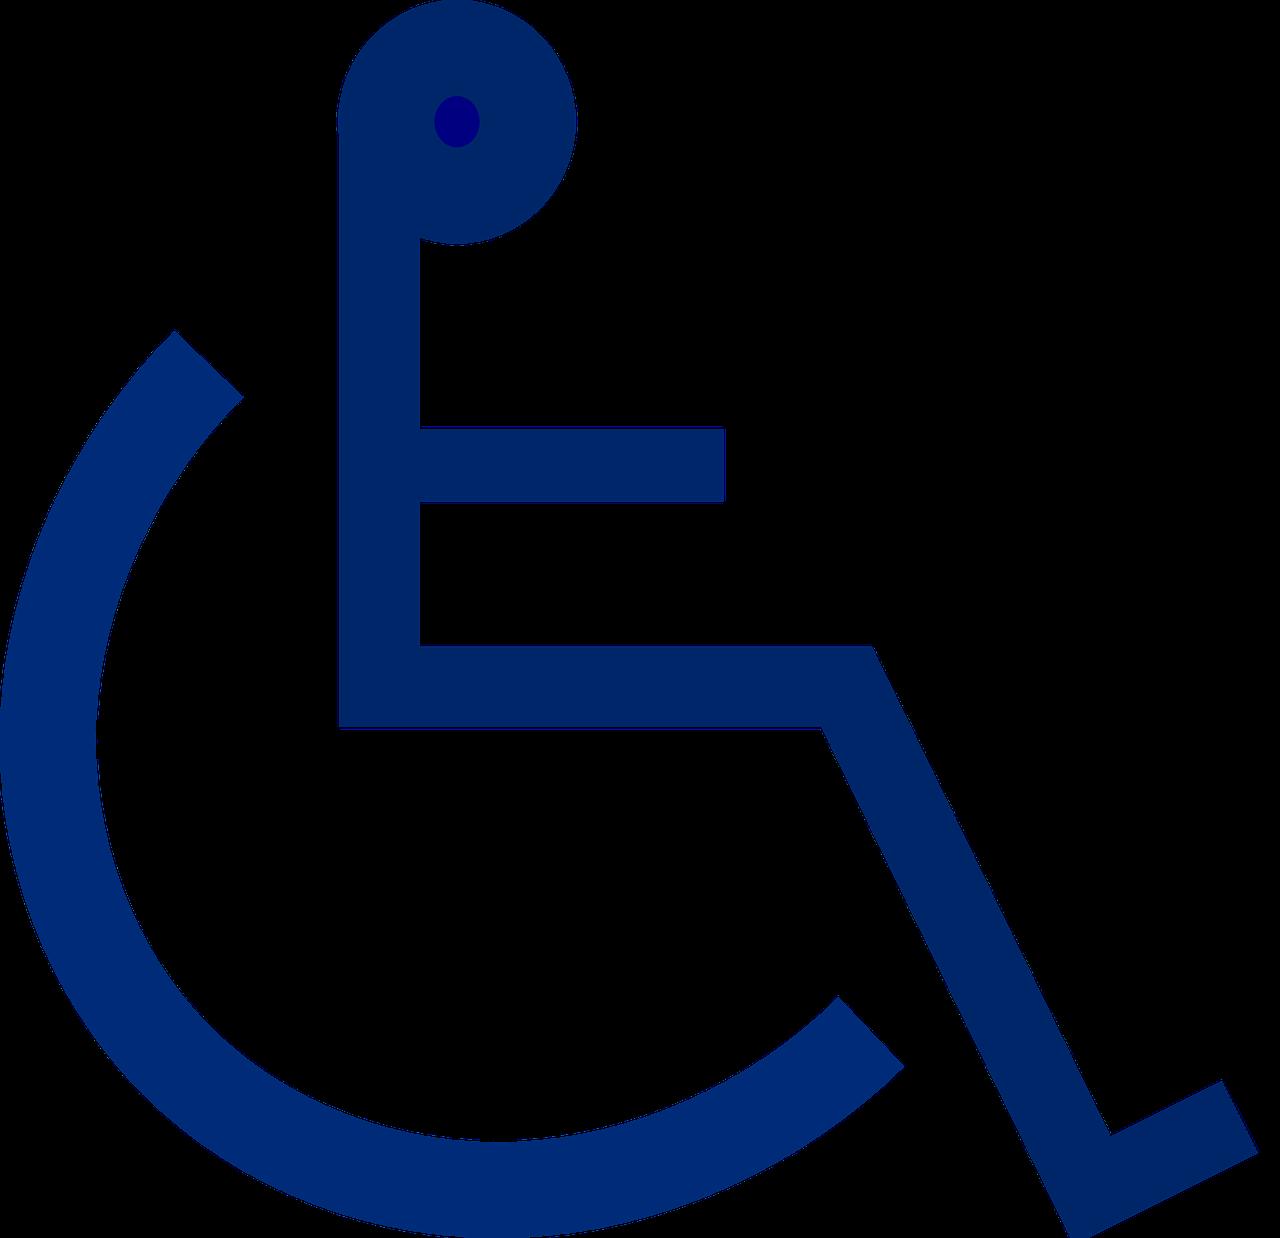 Woonbegeleidingscentrum Roermond SGL instellingen voor gehandicaptenzorg verstandelijk gehandicapten